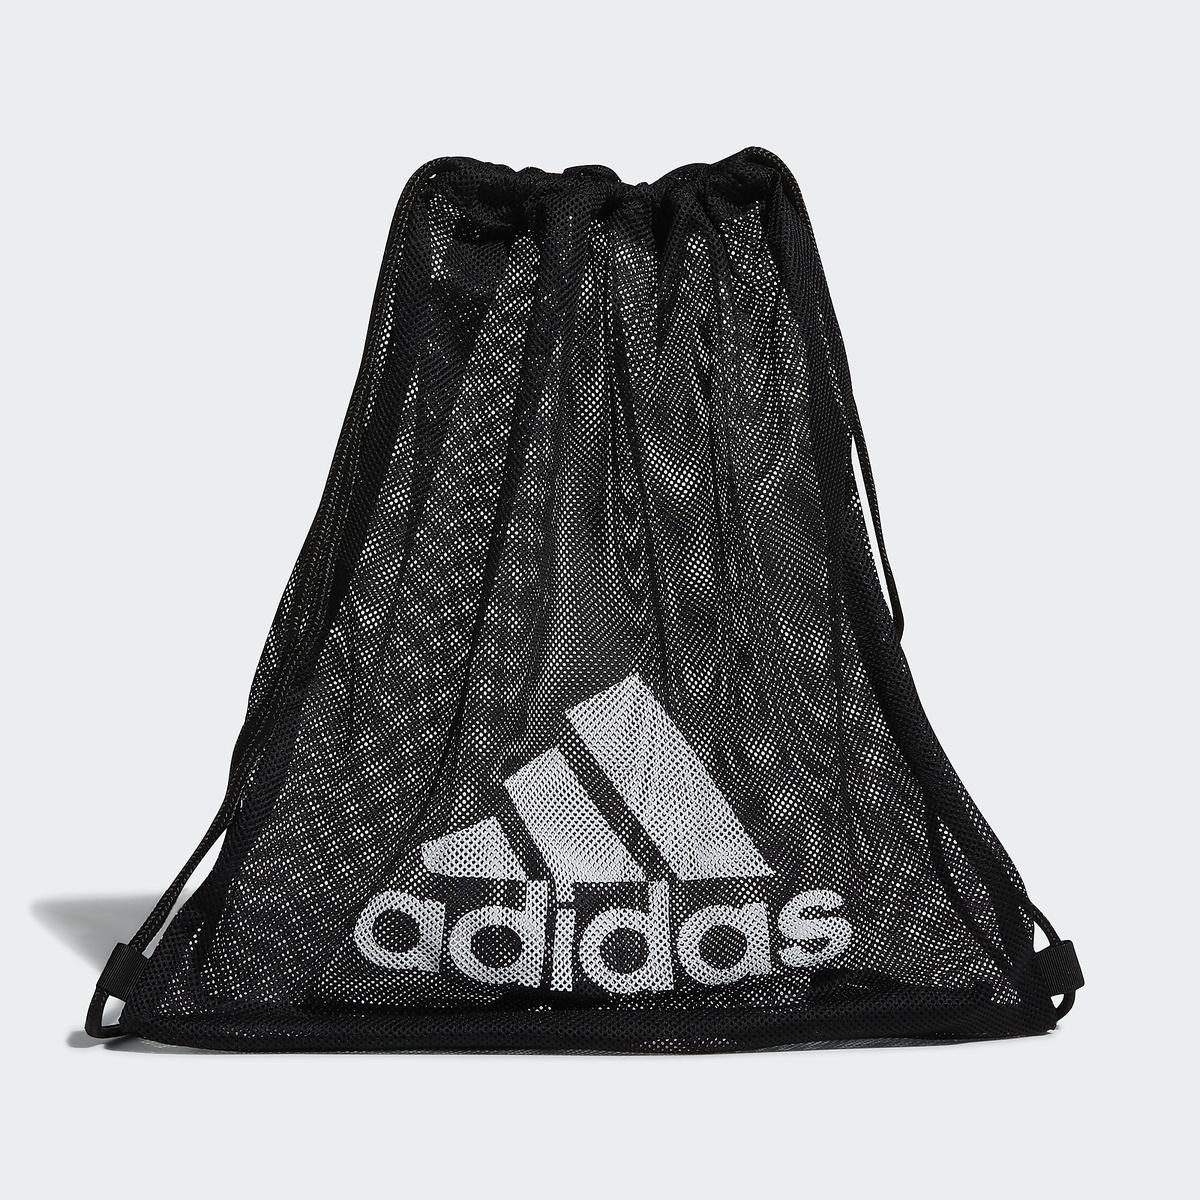 アディダス スポーツアクセサリー ナップサック メッシュジムバグ adidas adidas (アディダス) メッシュジムバグ スポーツアクセサリー ナップサック NS ブラック/ホワイト 29739 GL7429